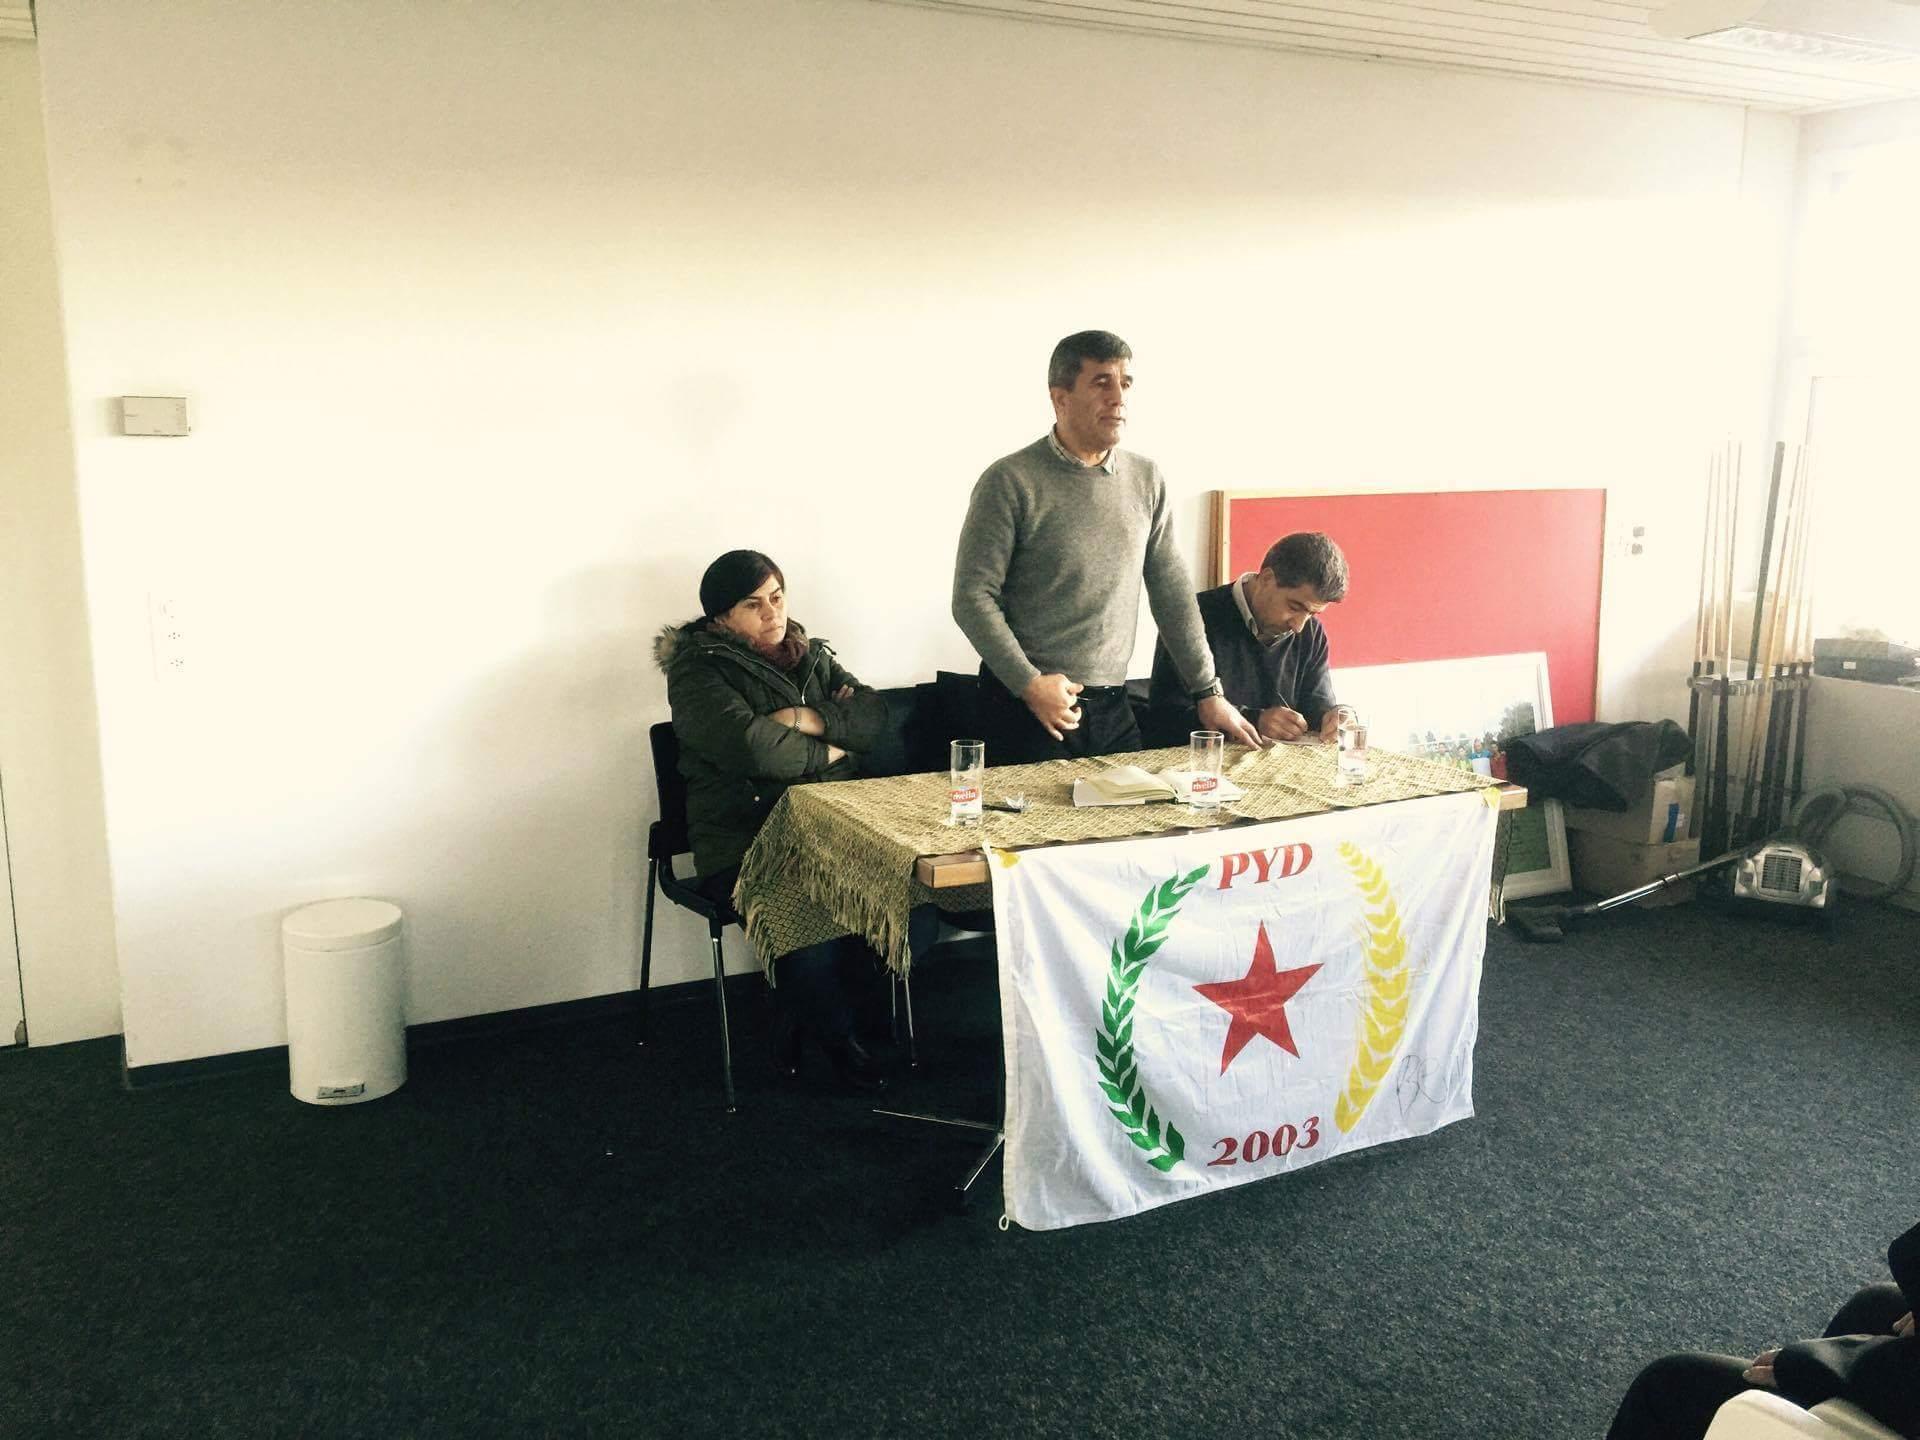 اجتماع لحزب الاتحاد الديمقراطي PYD في سويسرا